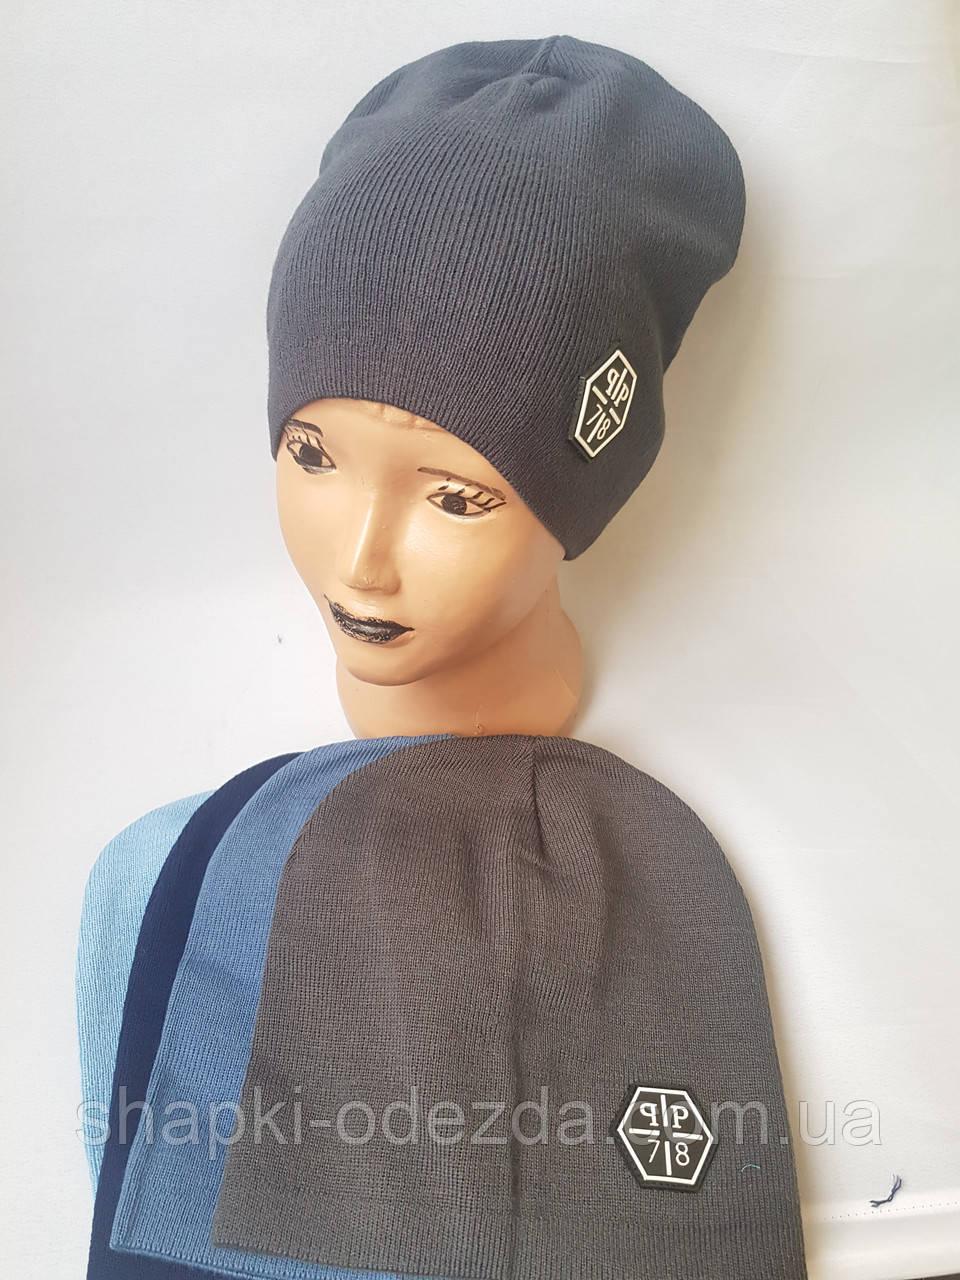 Детские шапки для мальчика  р 50-52